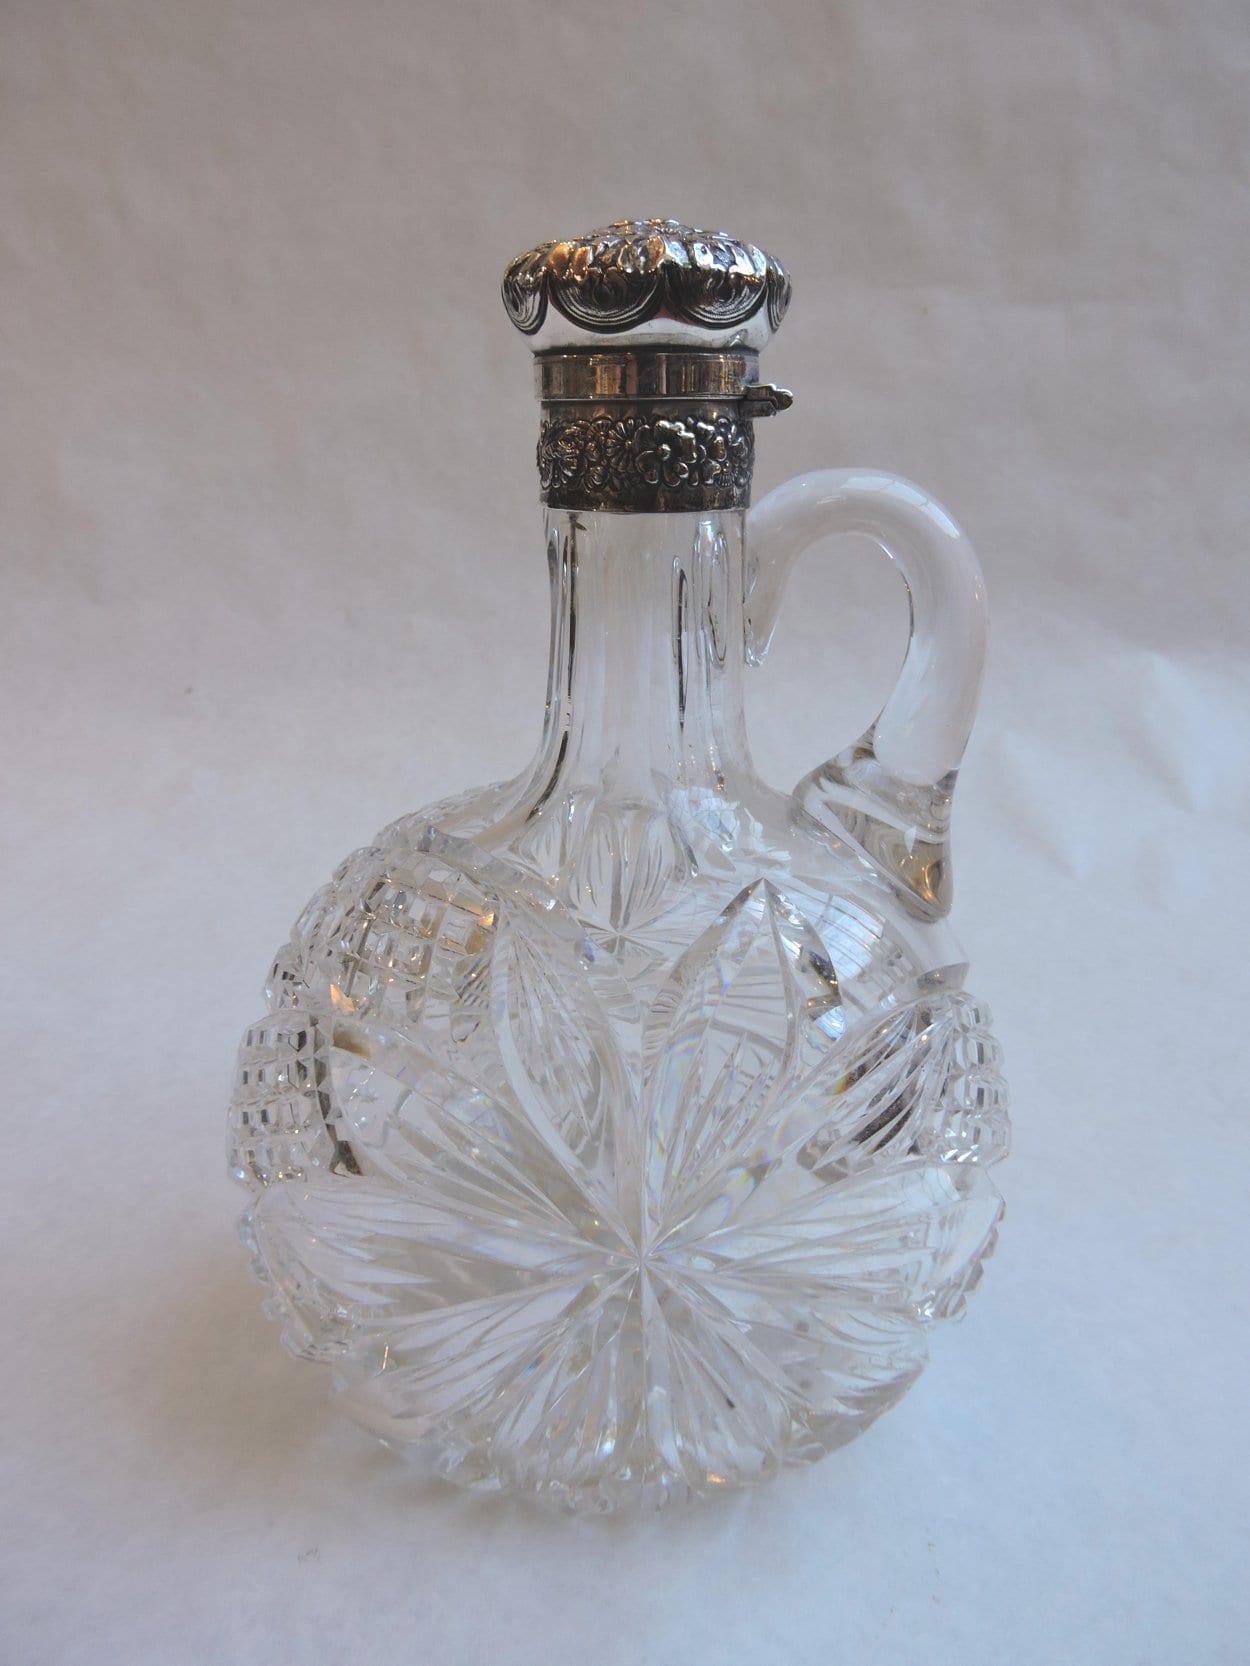 silver - silvertopcrystaljug-00.jpg